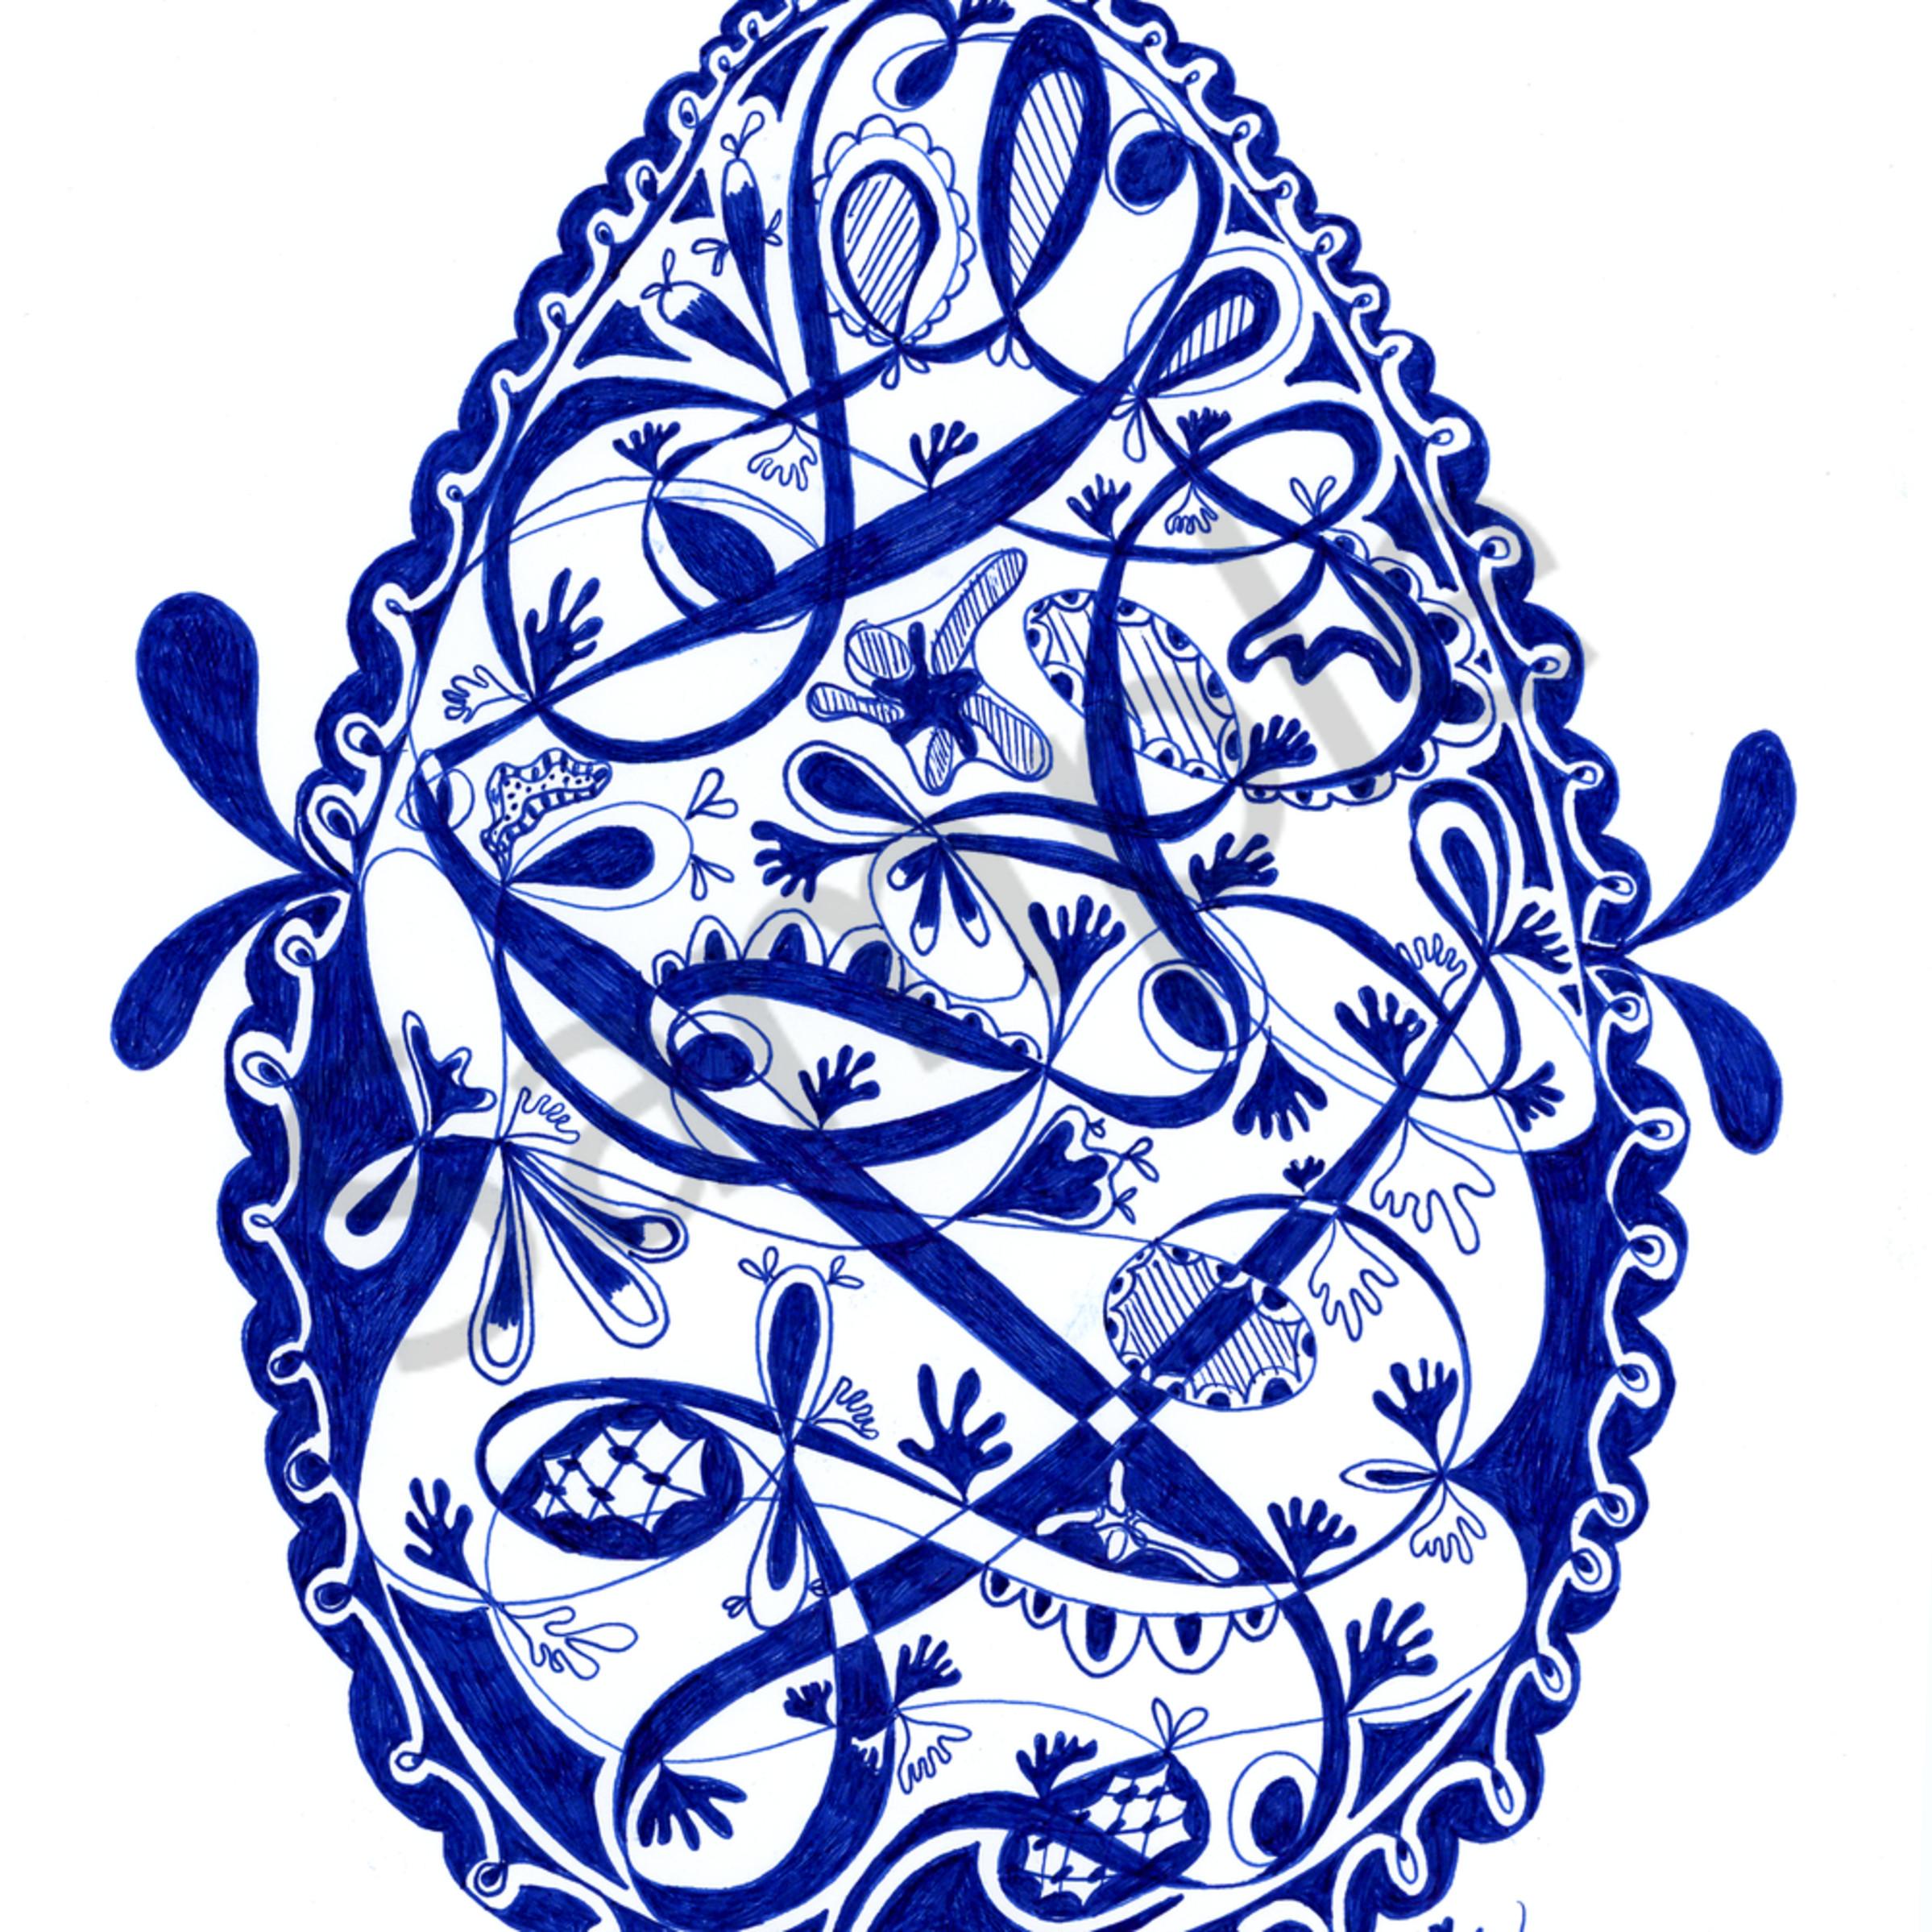 Egg 2 september 2020 wqvqla